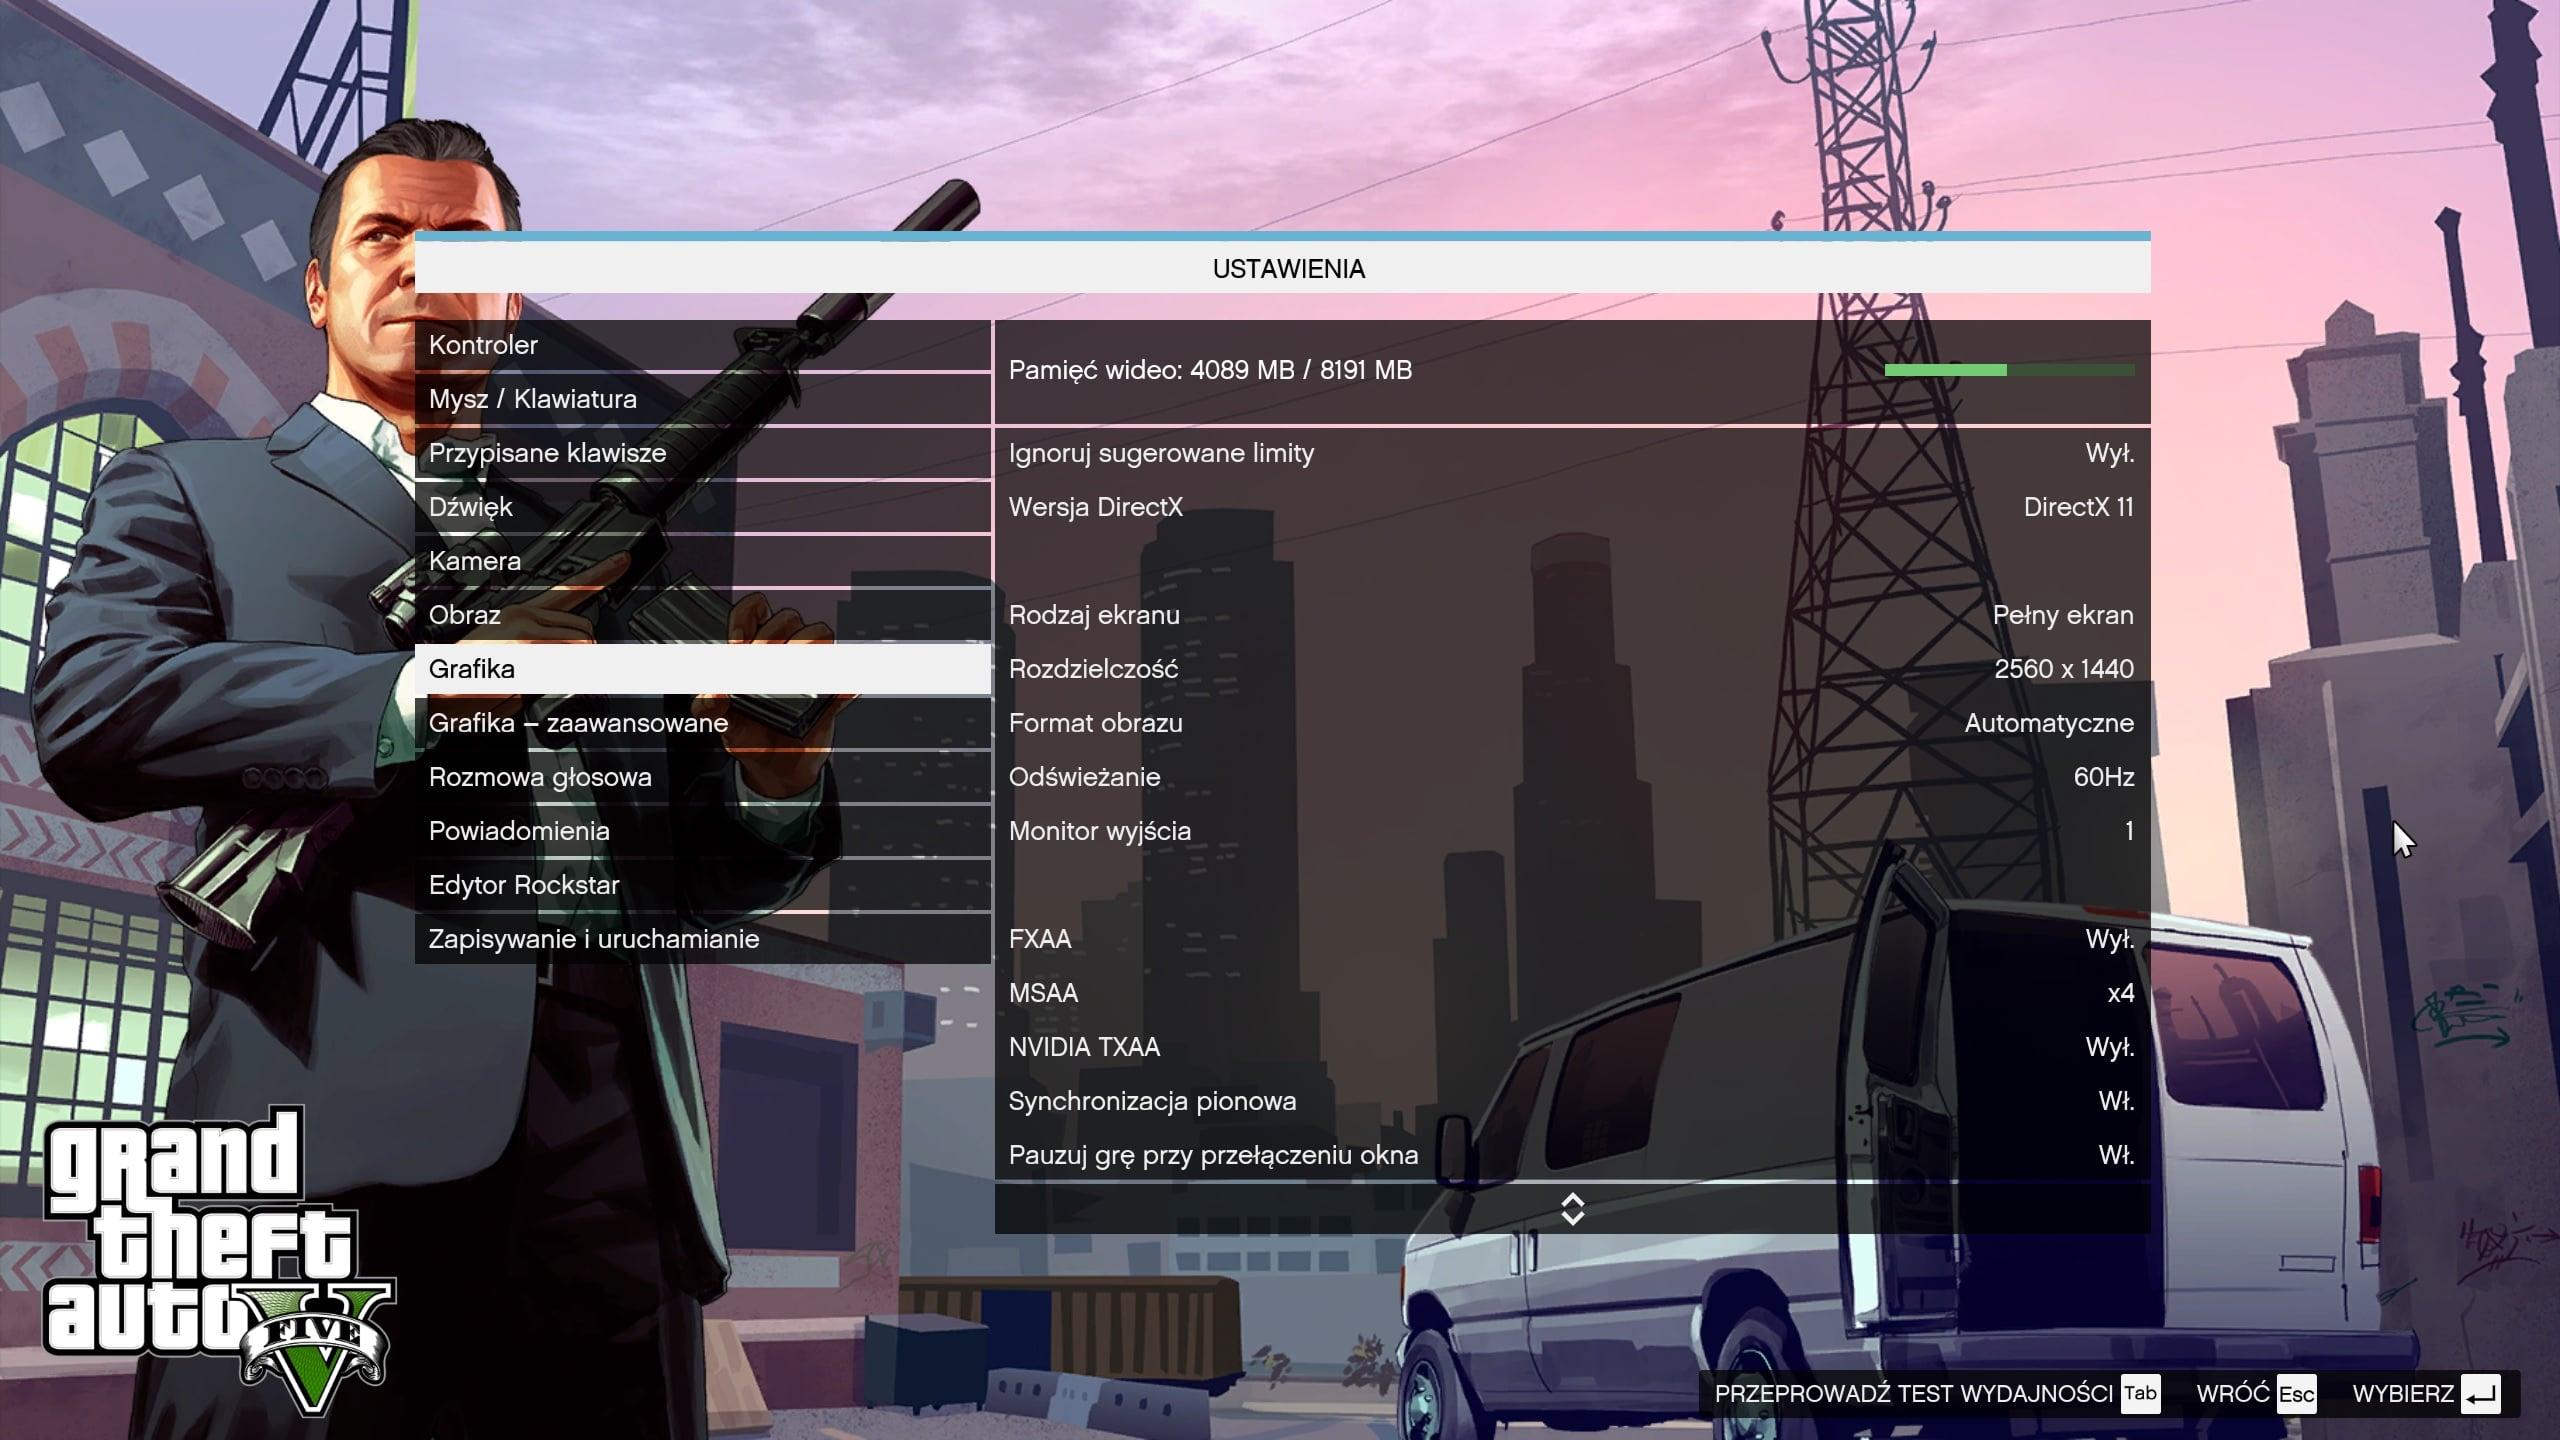 Testujemy cooler dla CPU - Cooler Master Hyper 212 RGB Phantom Gaming Edition. Warto? 35